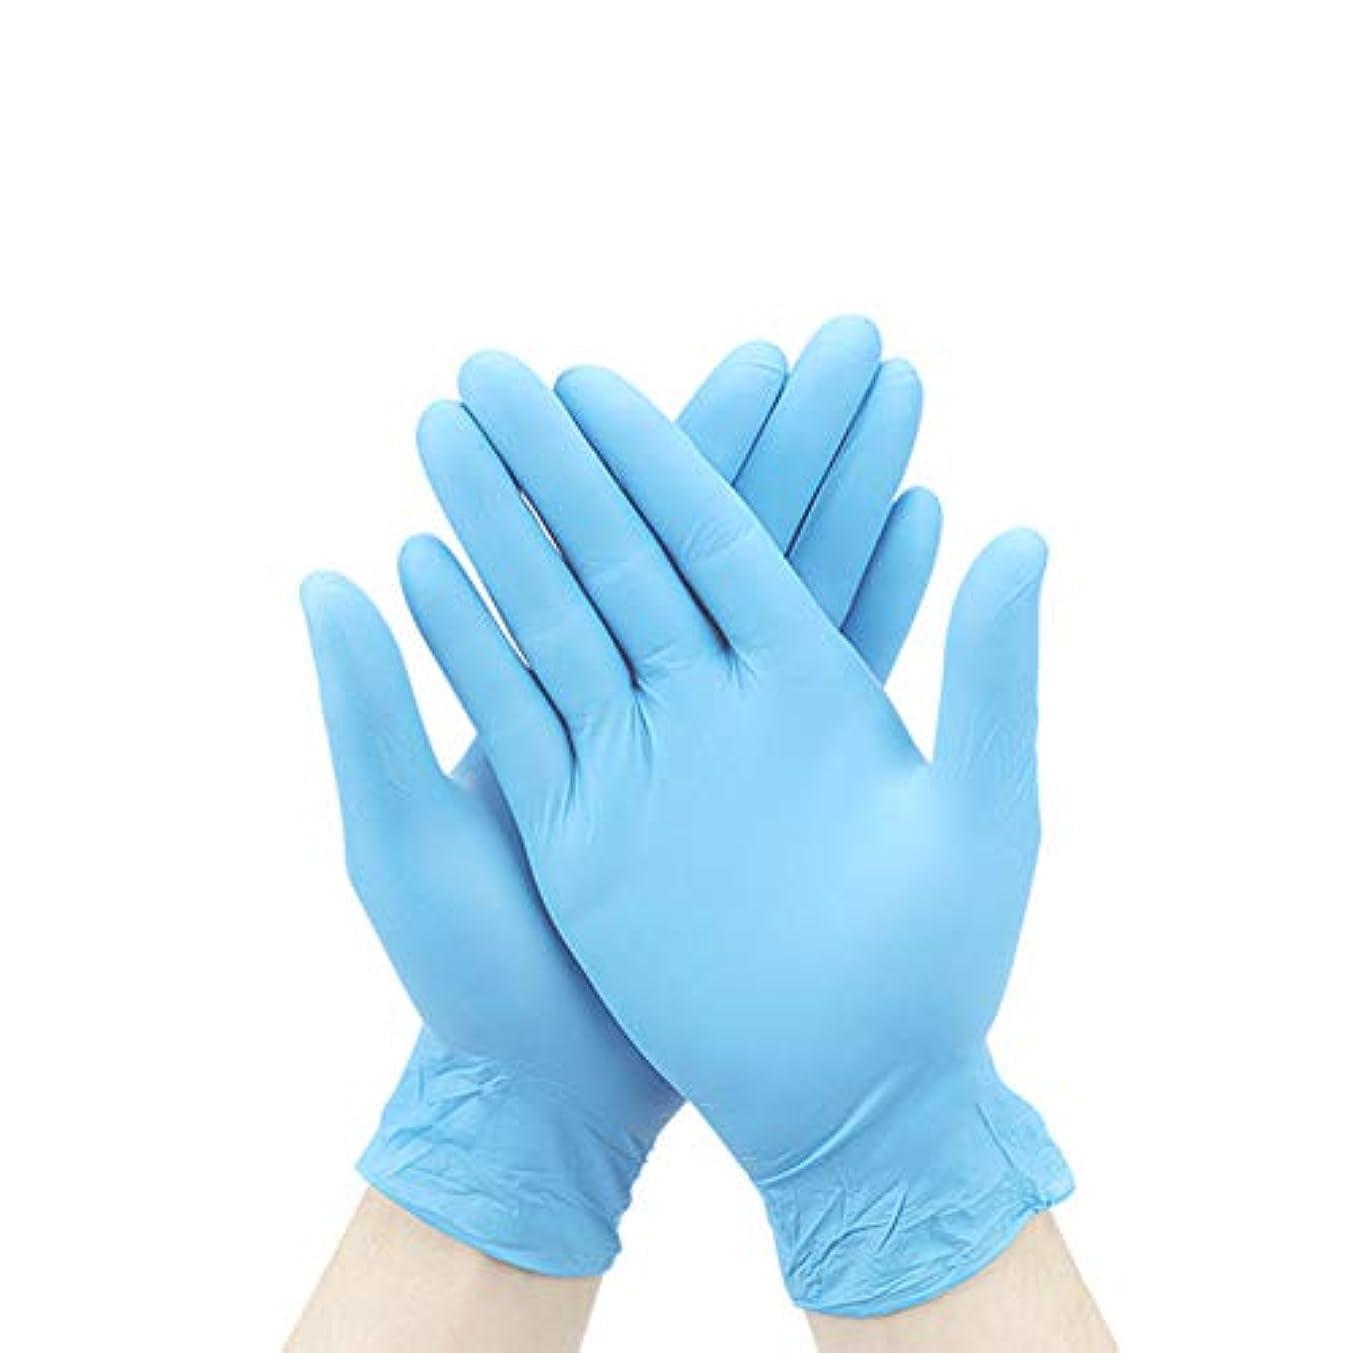 貧しいパパストリップACHICOO ニトリルゴム手袋 使い捨て手袋 100個/箱 9インチ ブラック検査実験 耐久性 クリーン電子 ライトブルー 1ペア